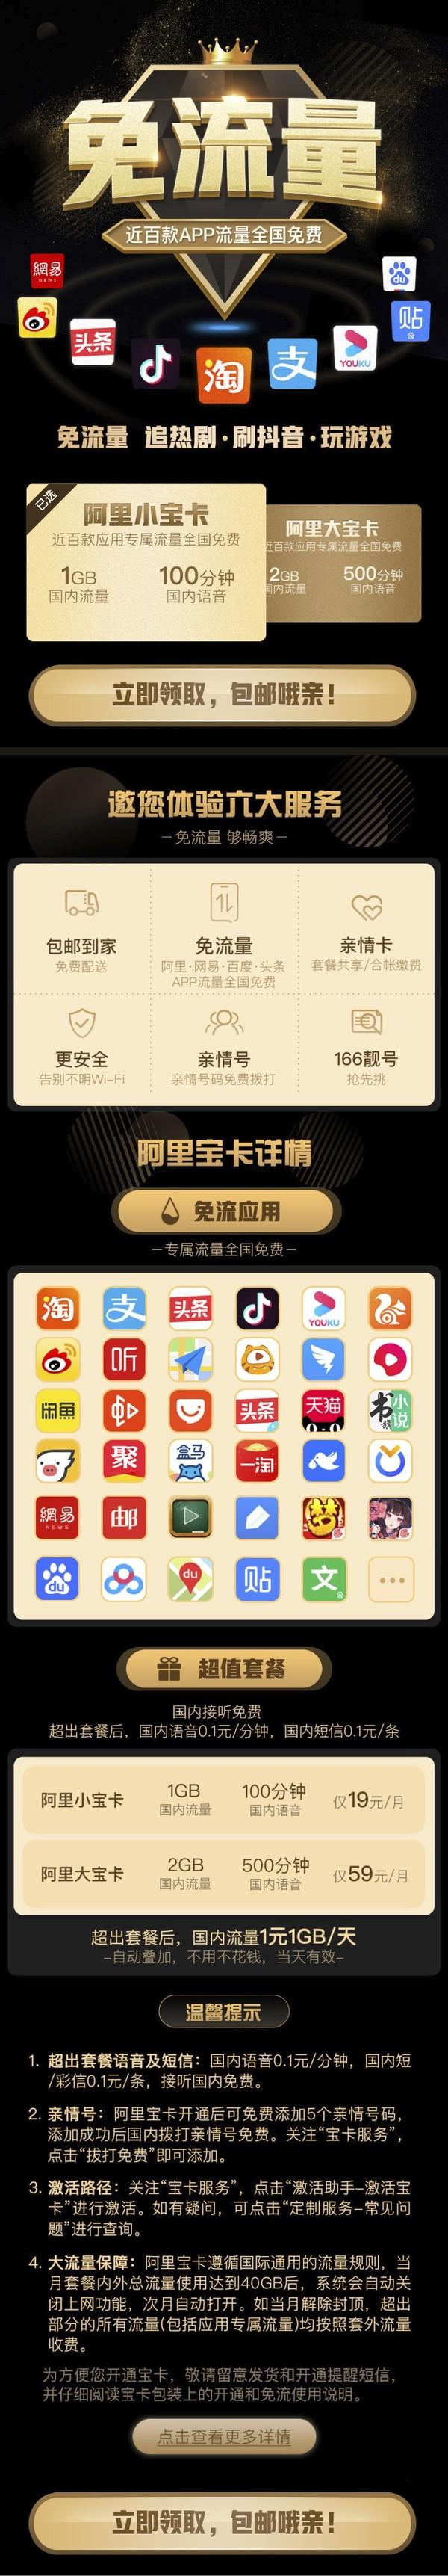 抖音、网易云音乐免流:中国联通 阿里小宝卡 19元/月 1GB通用+40GB定向+100分钟